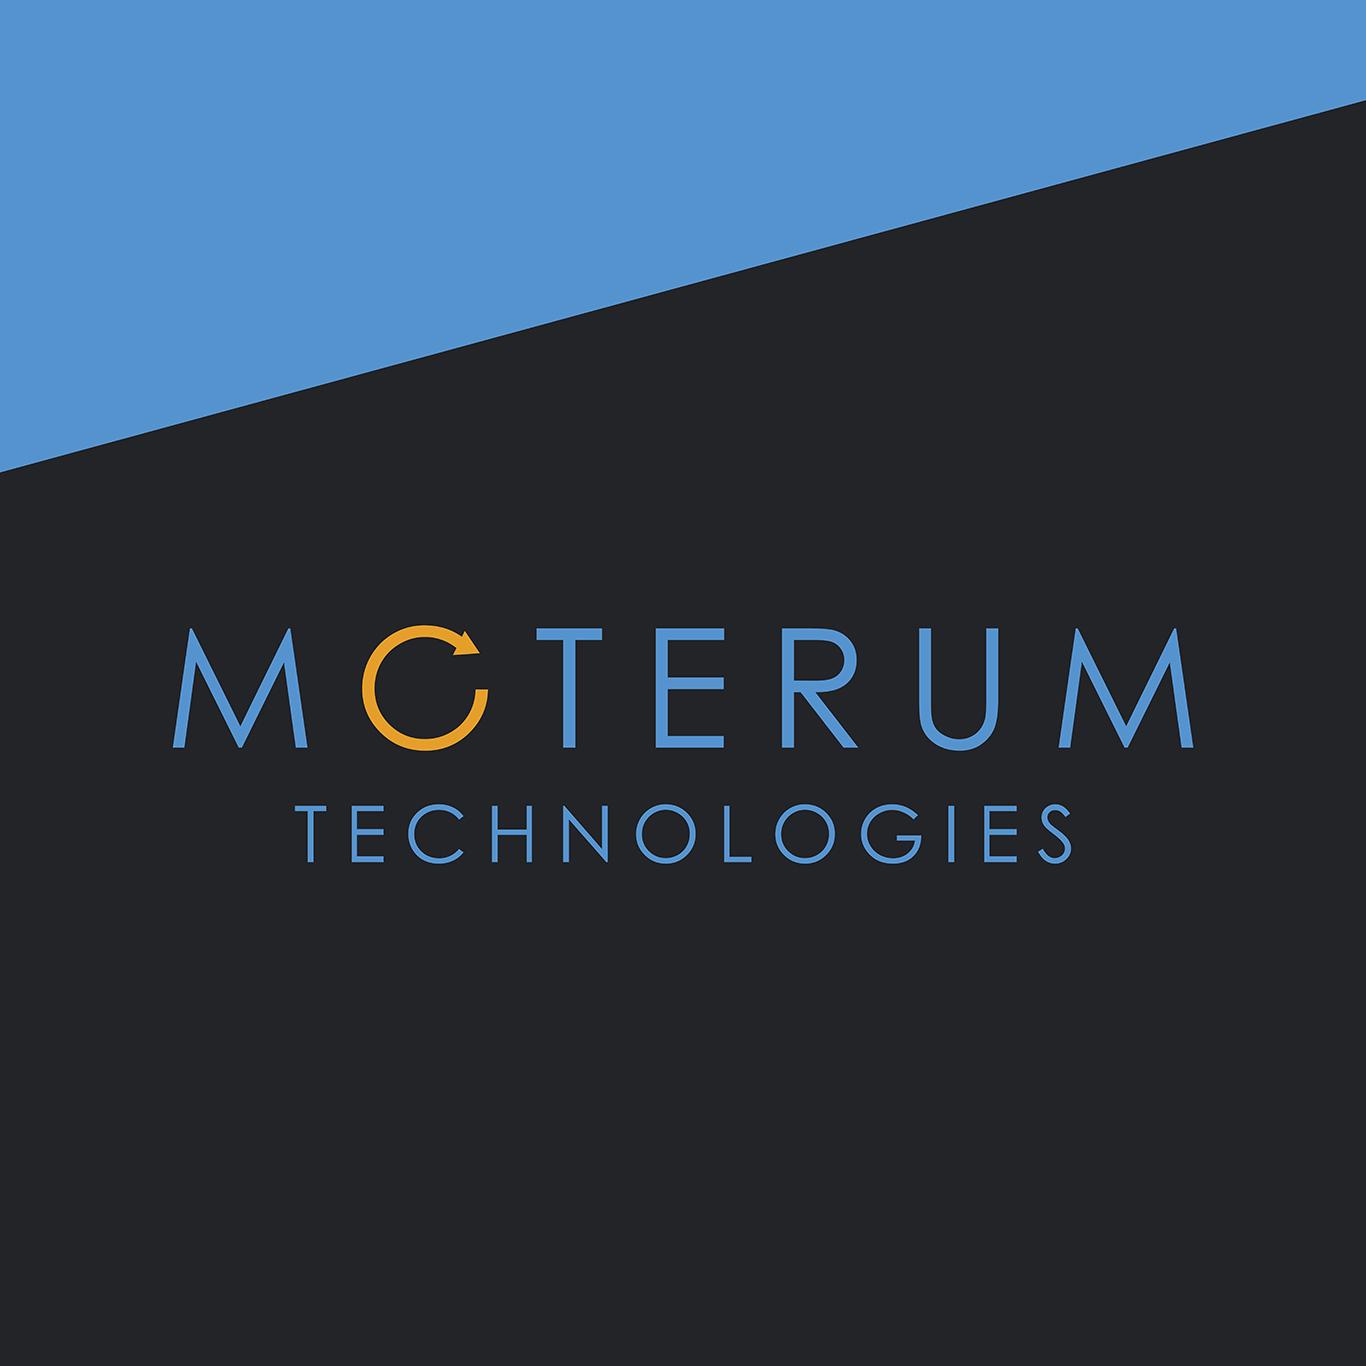 MoterumTechnewlogo - David Huizenga.jpeg